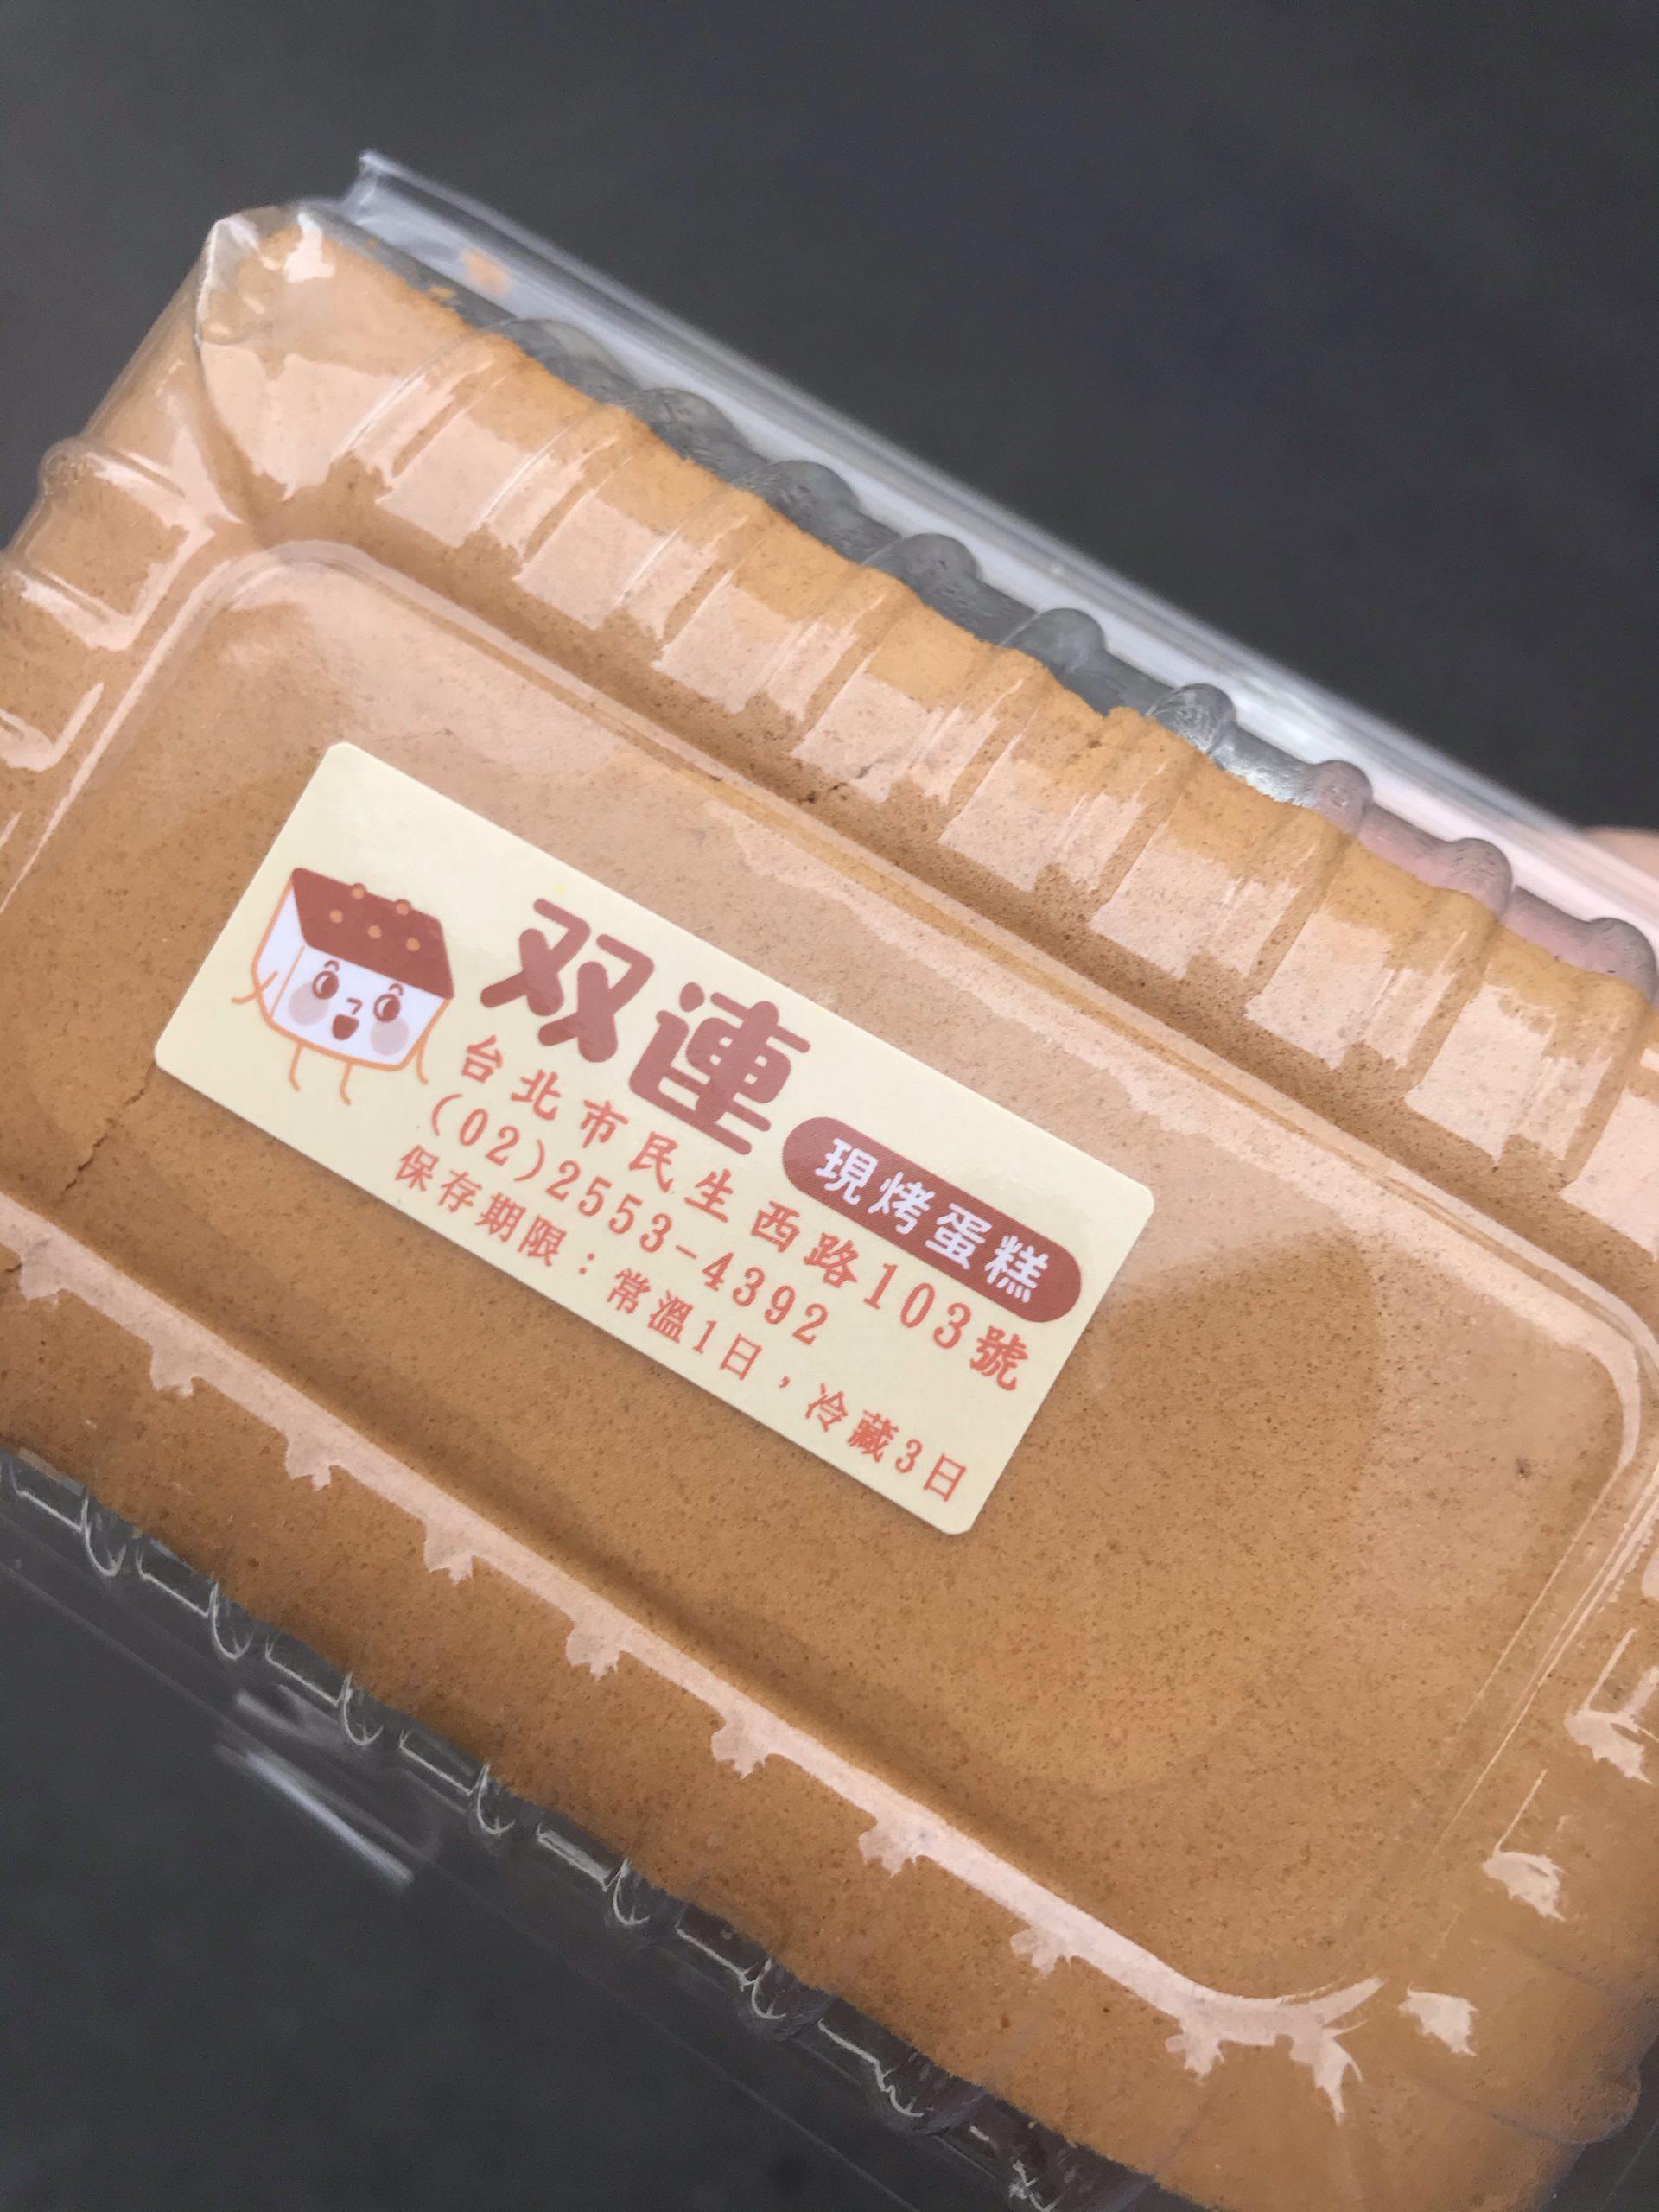 双連現烤蛋糕 の台湾カステラ